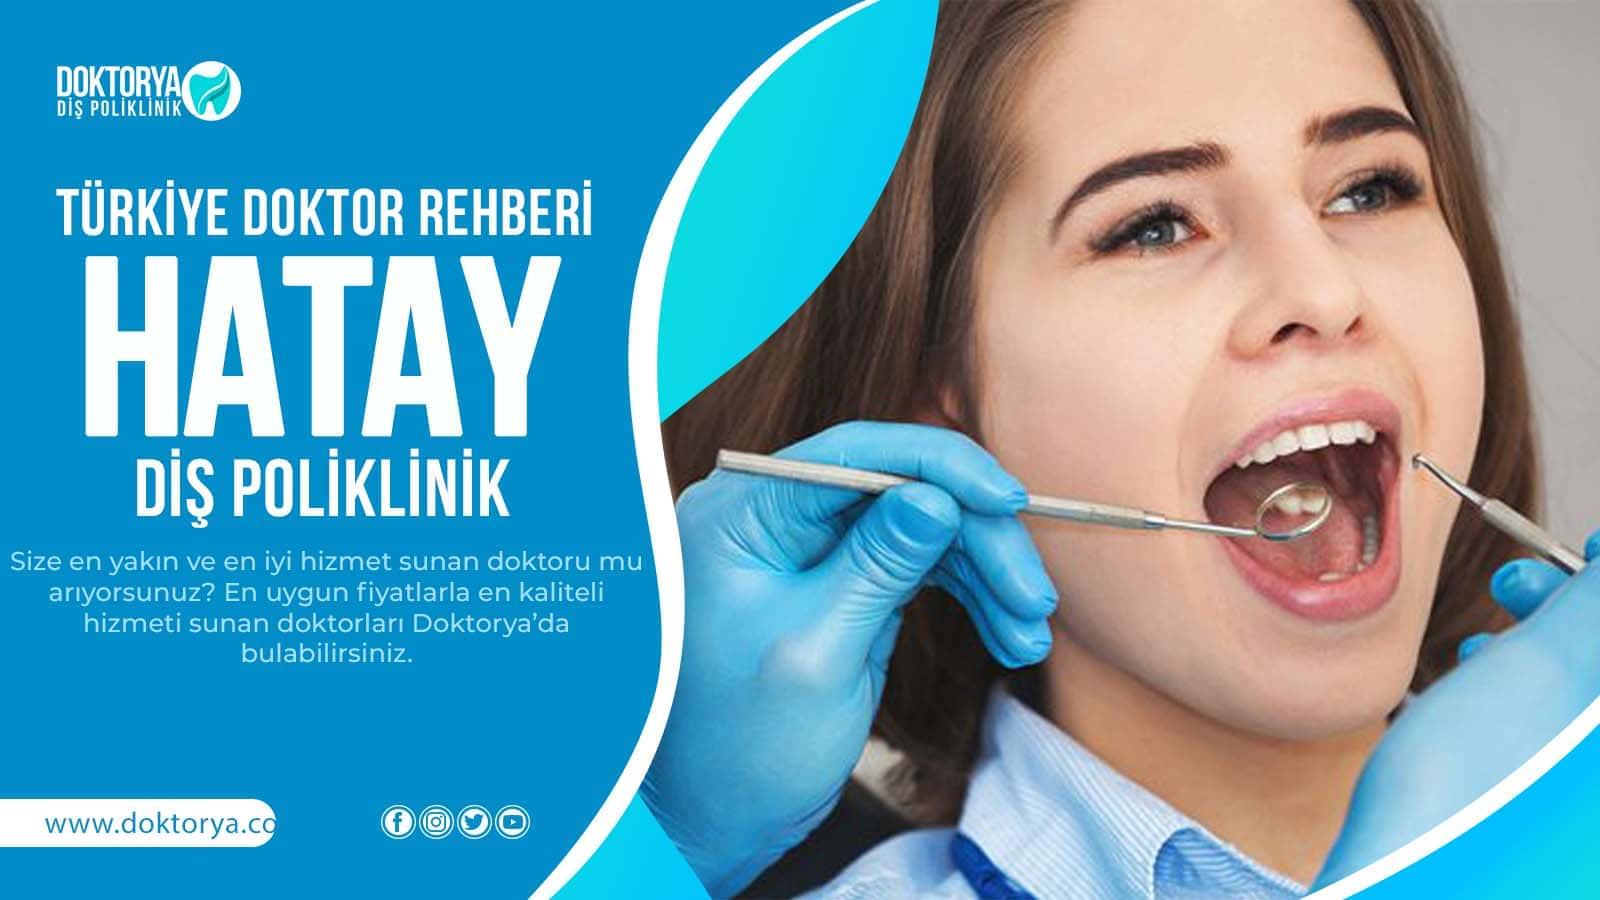 Hatay Diş Poliklinik